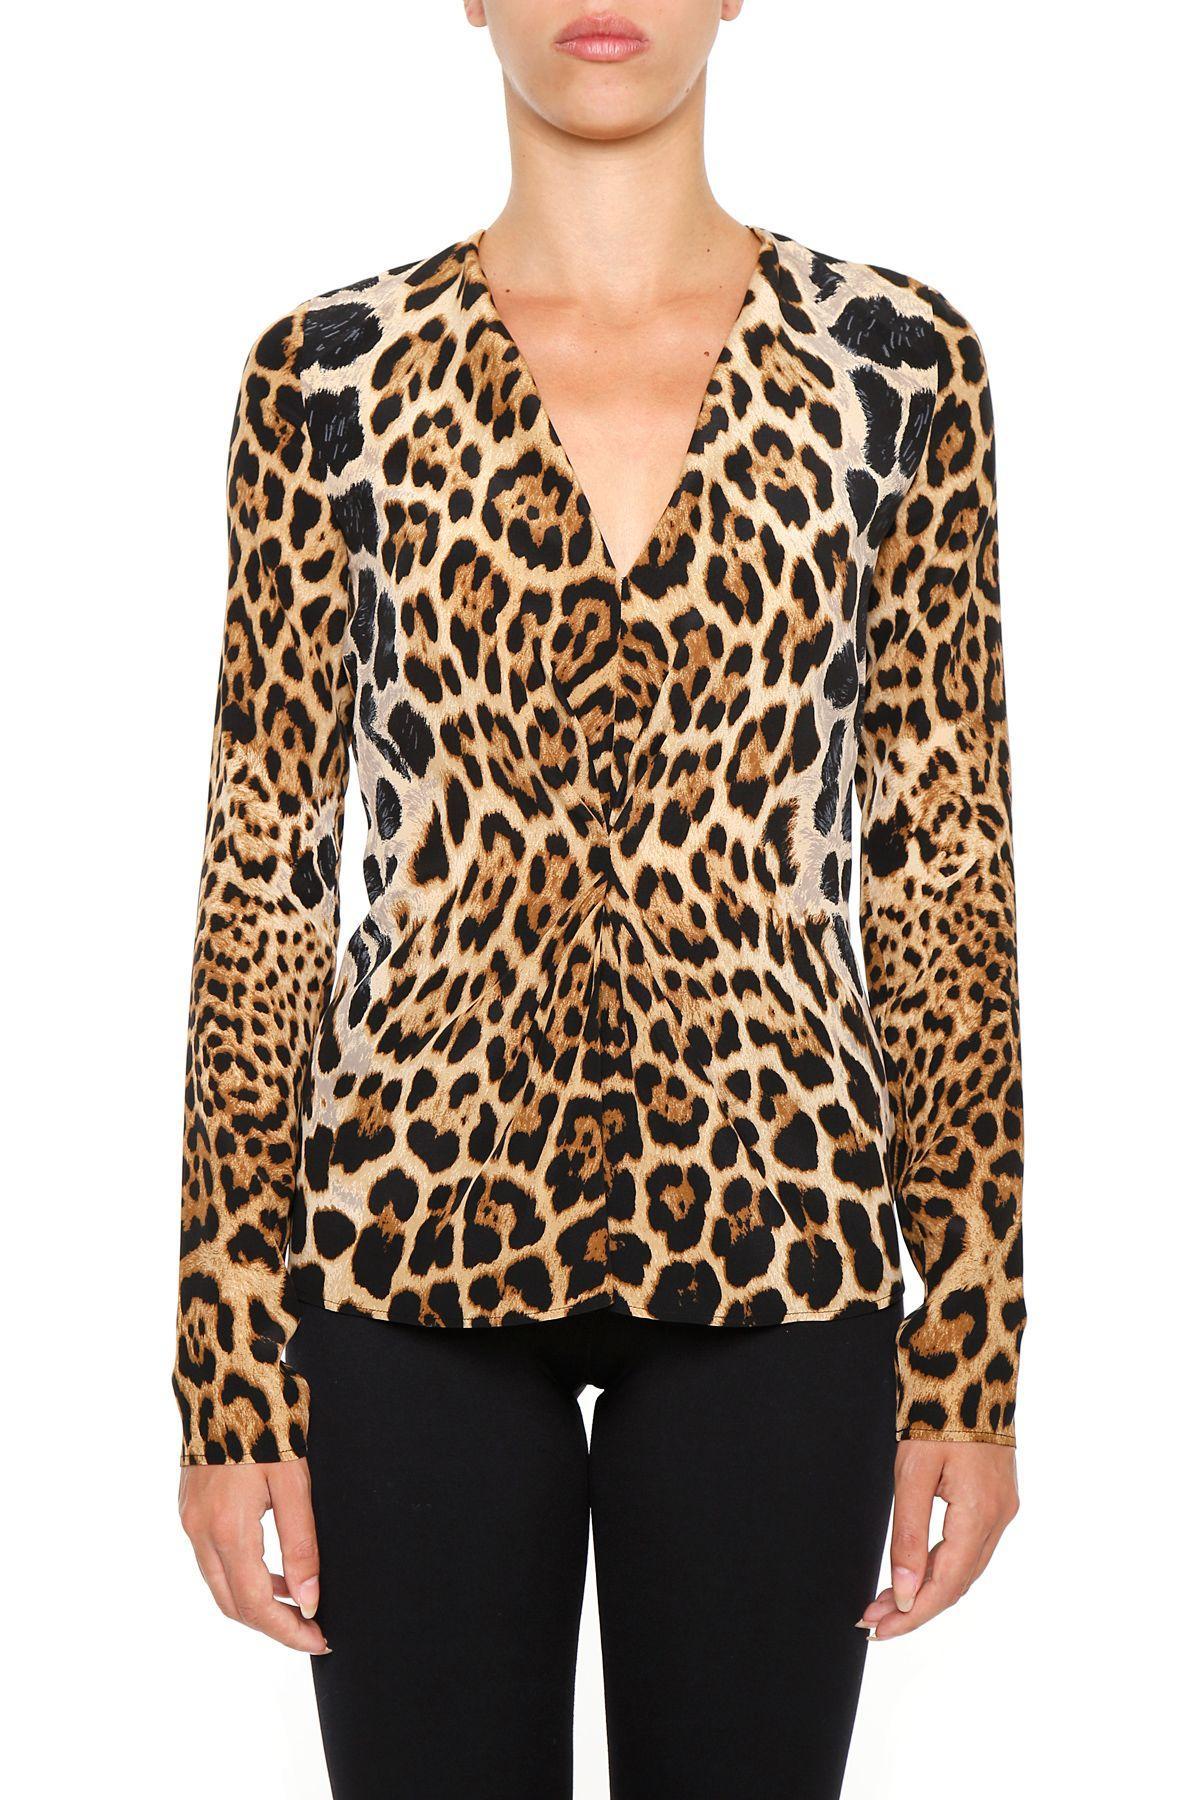 a2a058dc8f7 Saint Laurent Leopard Print Crepe Top In Fauvebeige | ModeSens